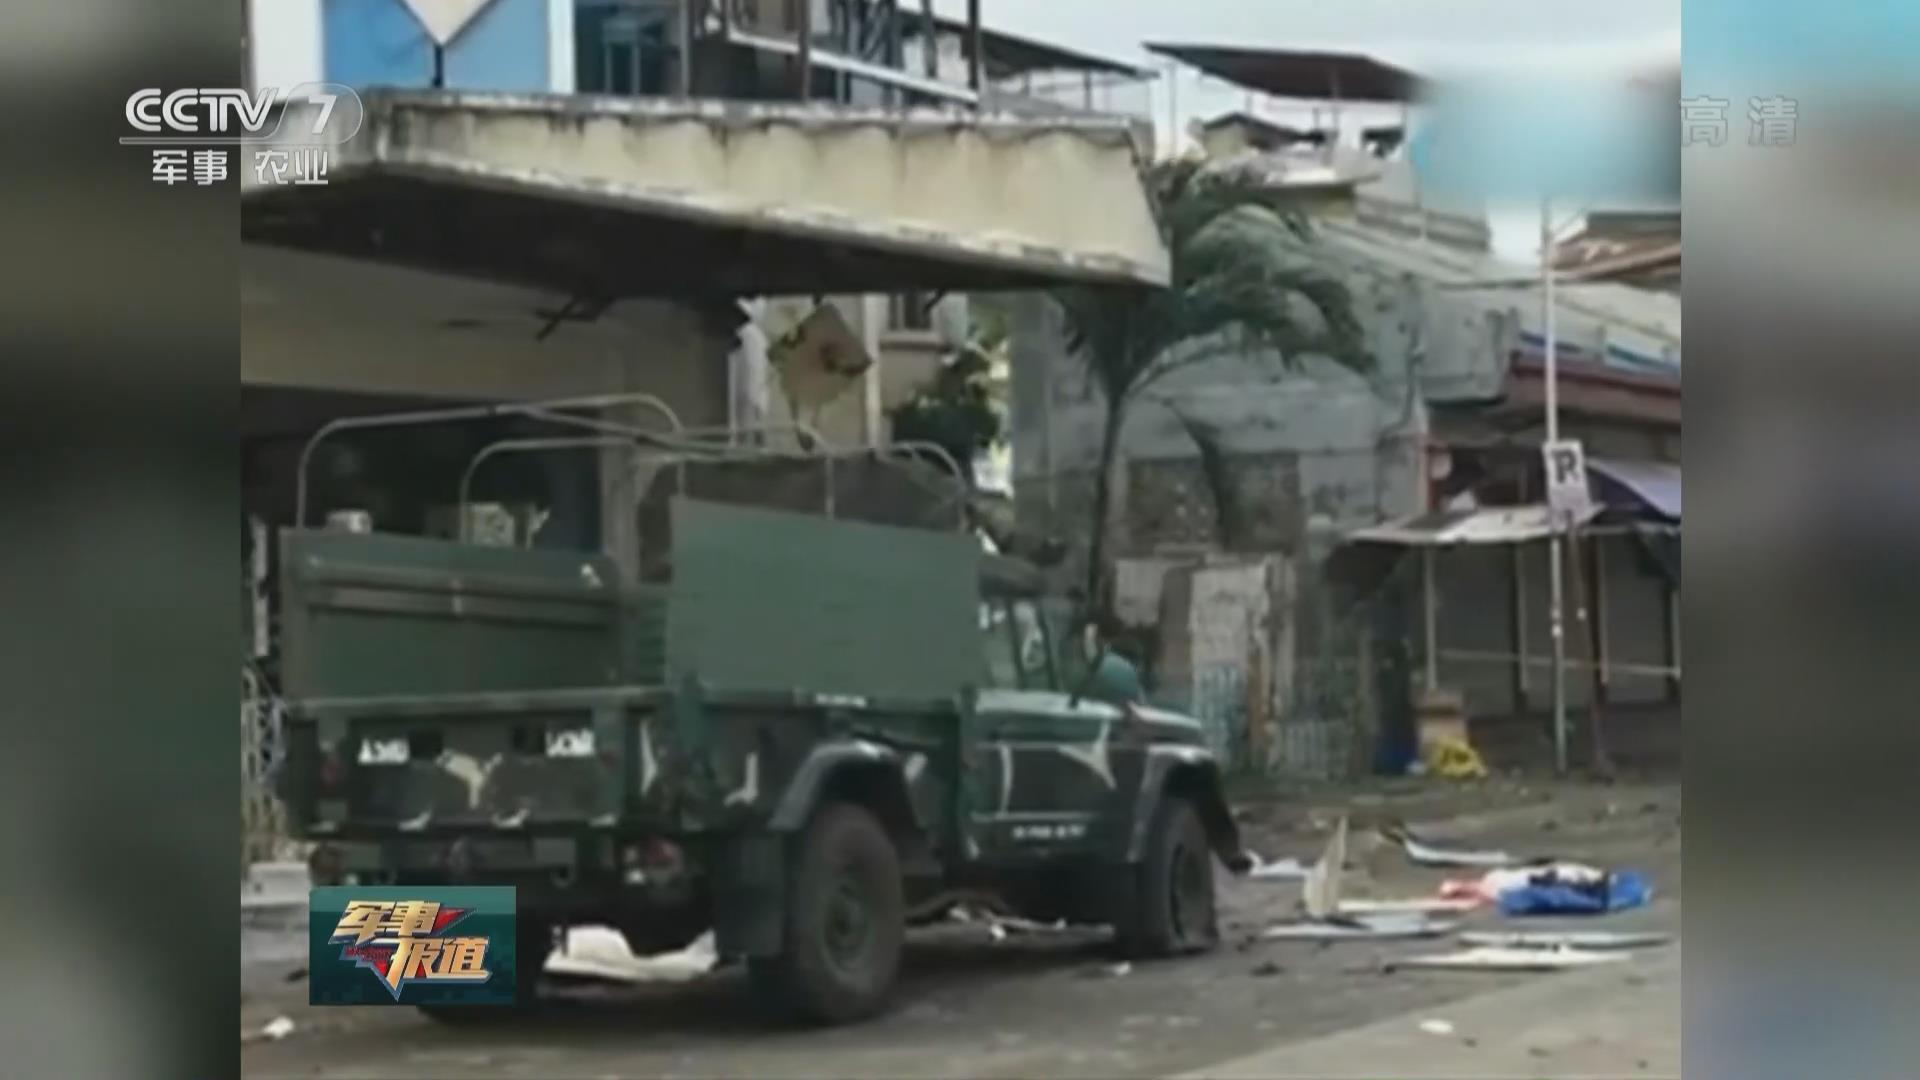 菲律賓一所教堂發生連環爆炸事件